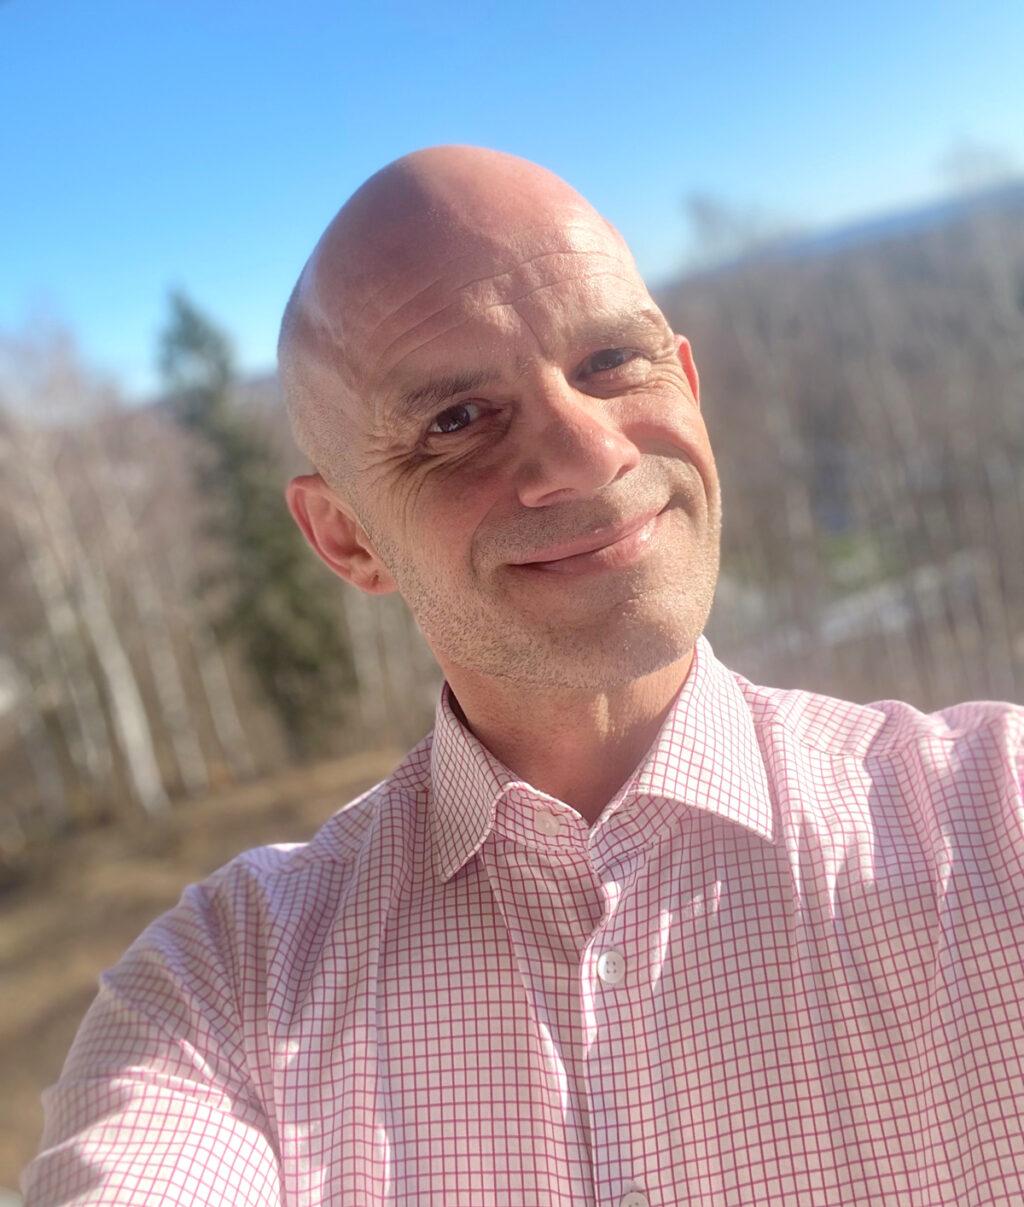 Torodd Eriksen